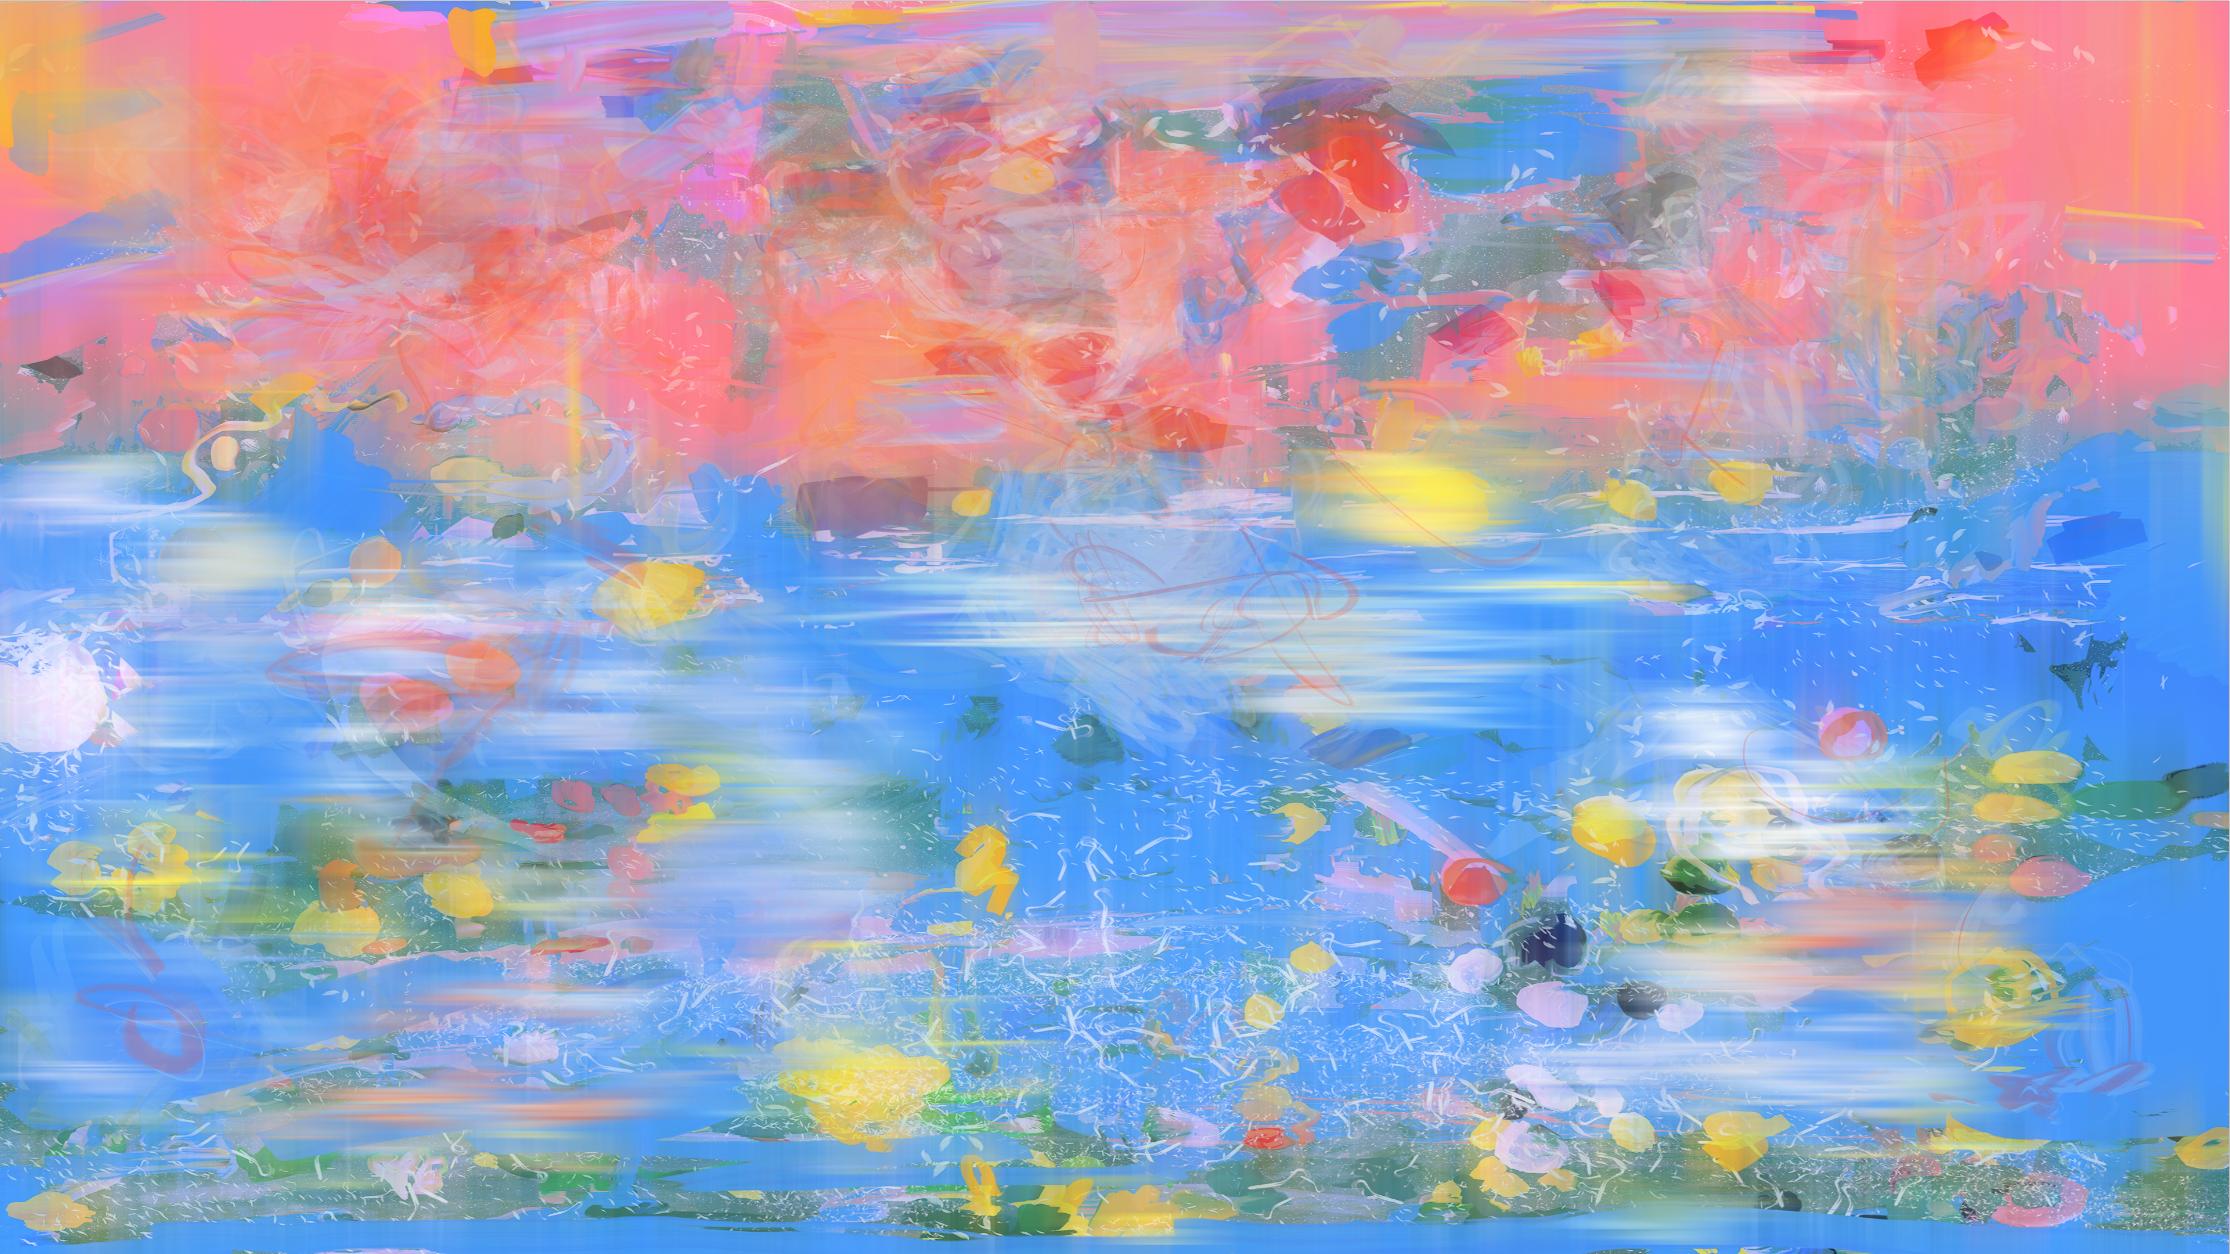 _6_v211132013_still3, 2015 (digital painting video)